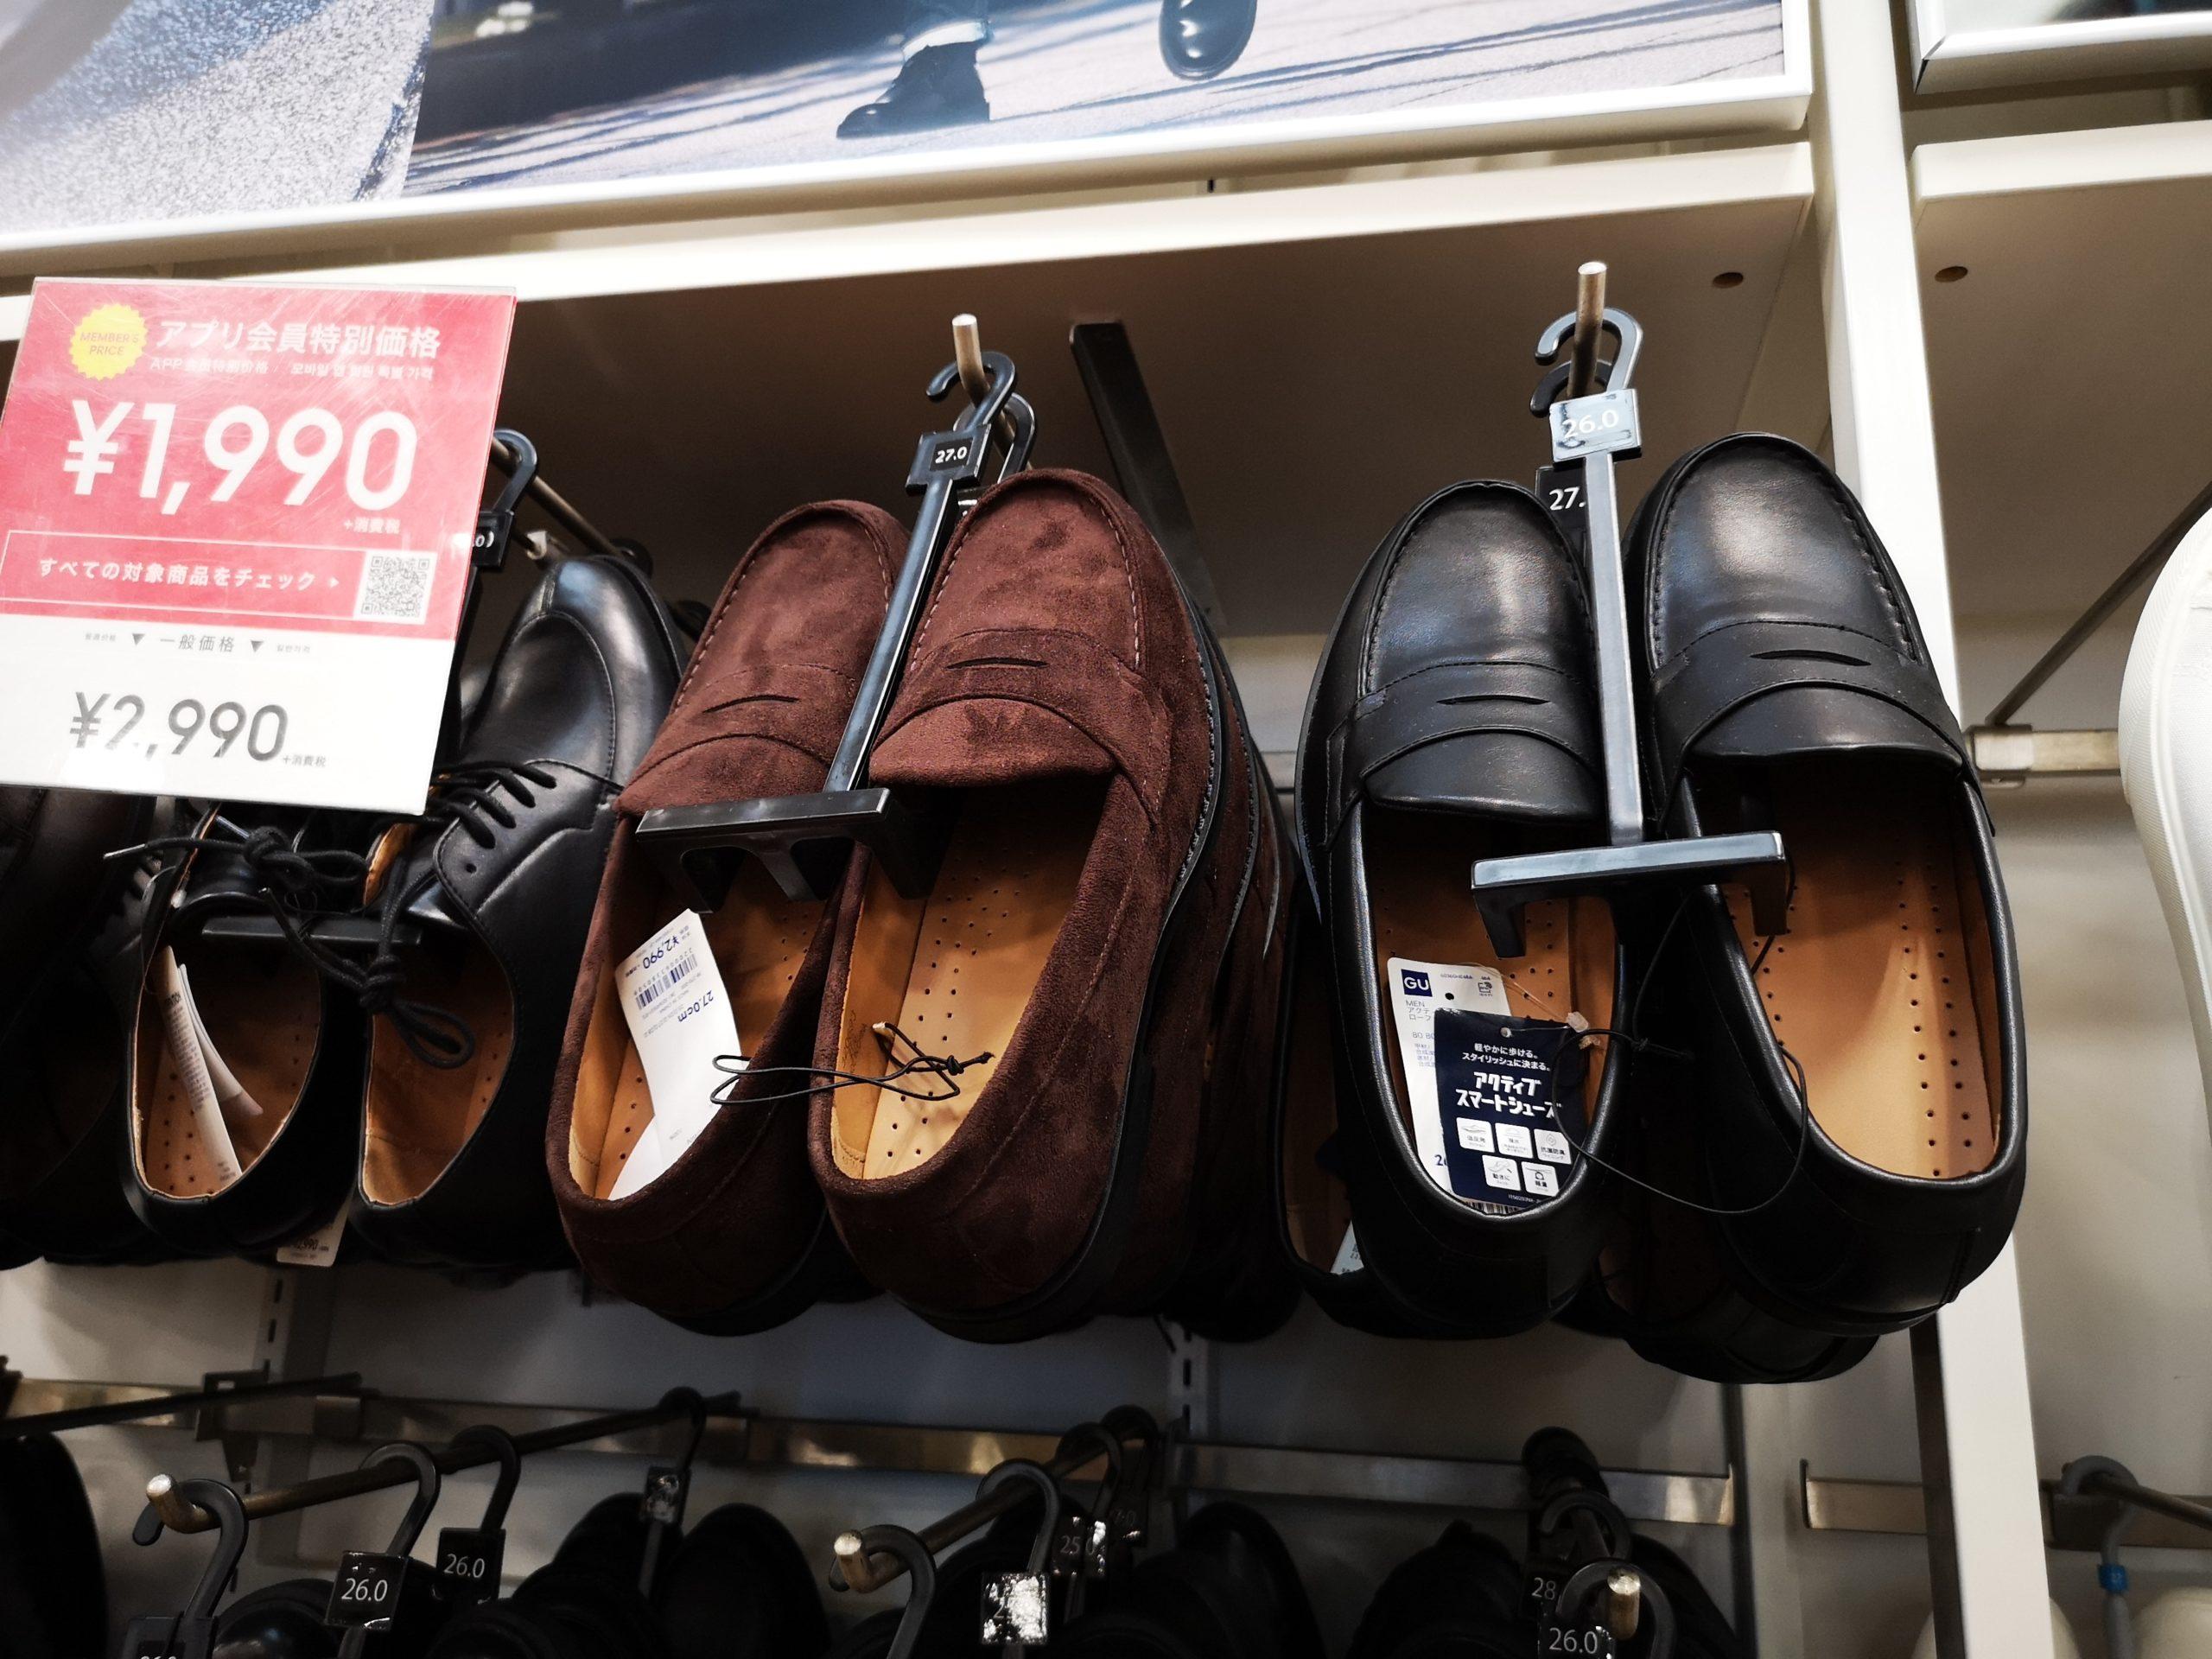 革靴コーナーに目をやると...